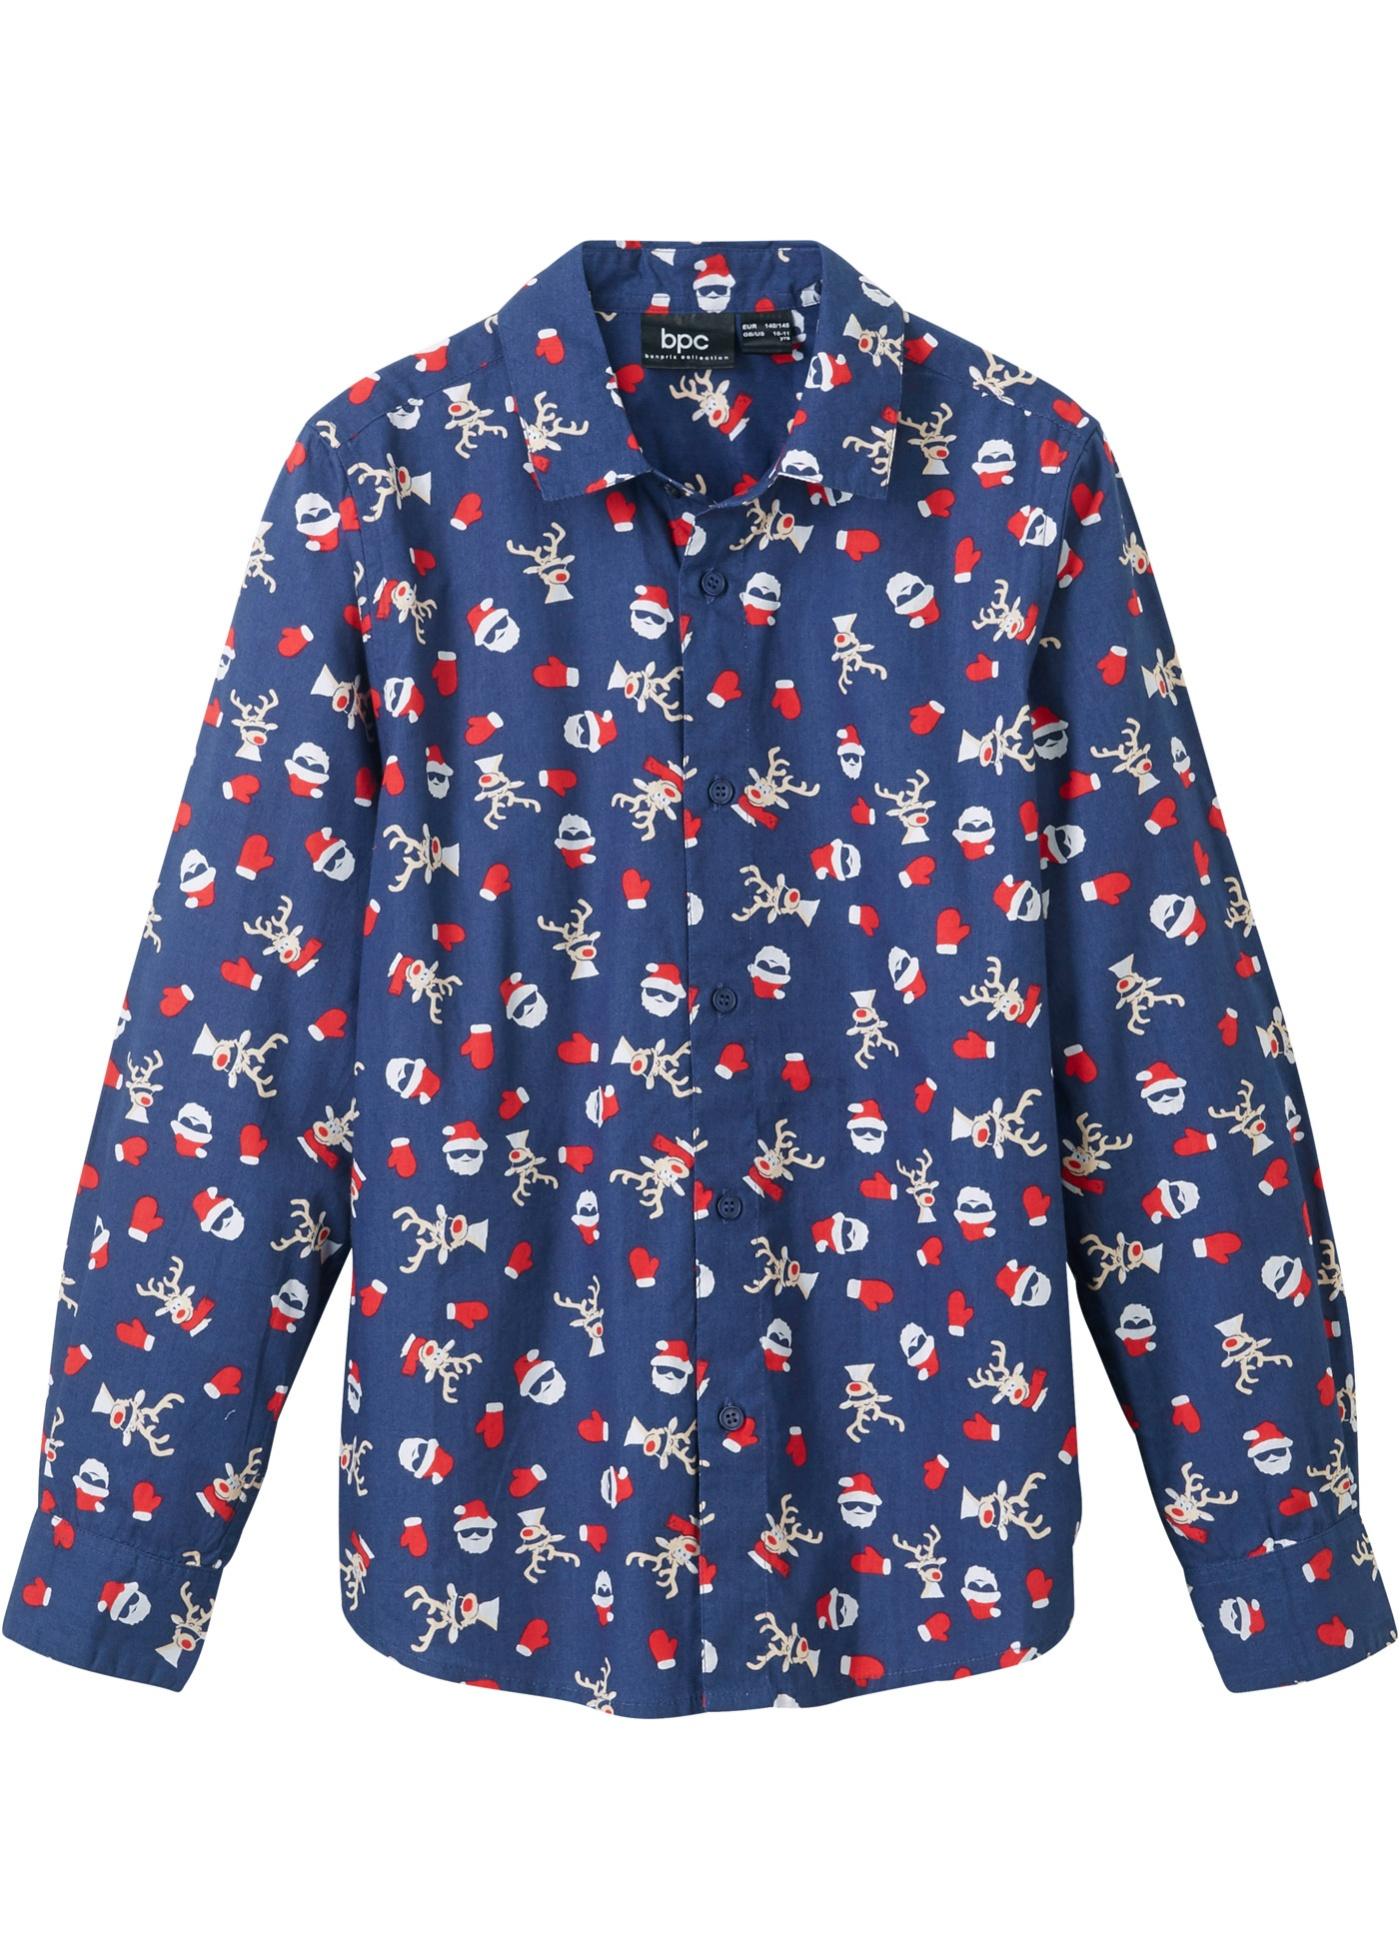 Jungen Langarmhemd mit Weihnachtsmotiv, Slim Fit in blau für Jungen von bonprix